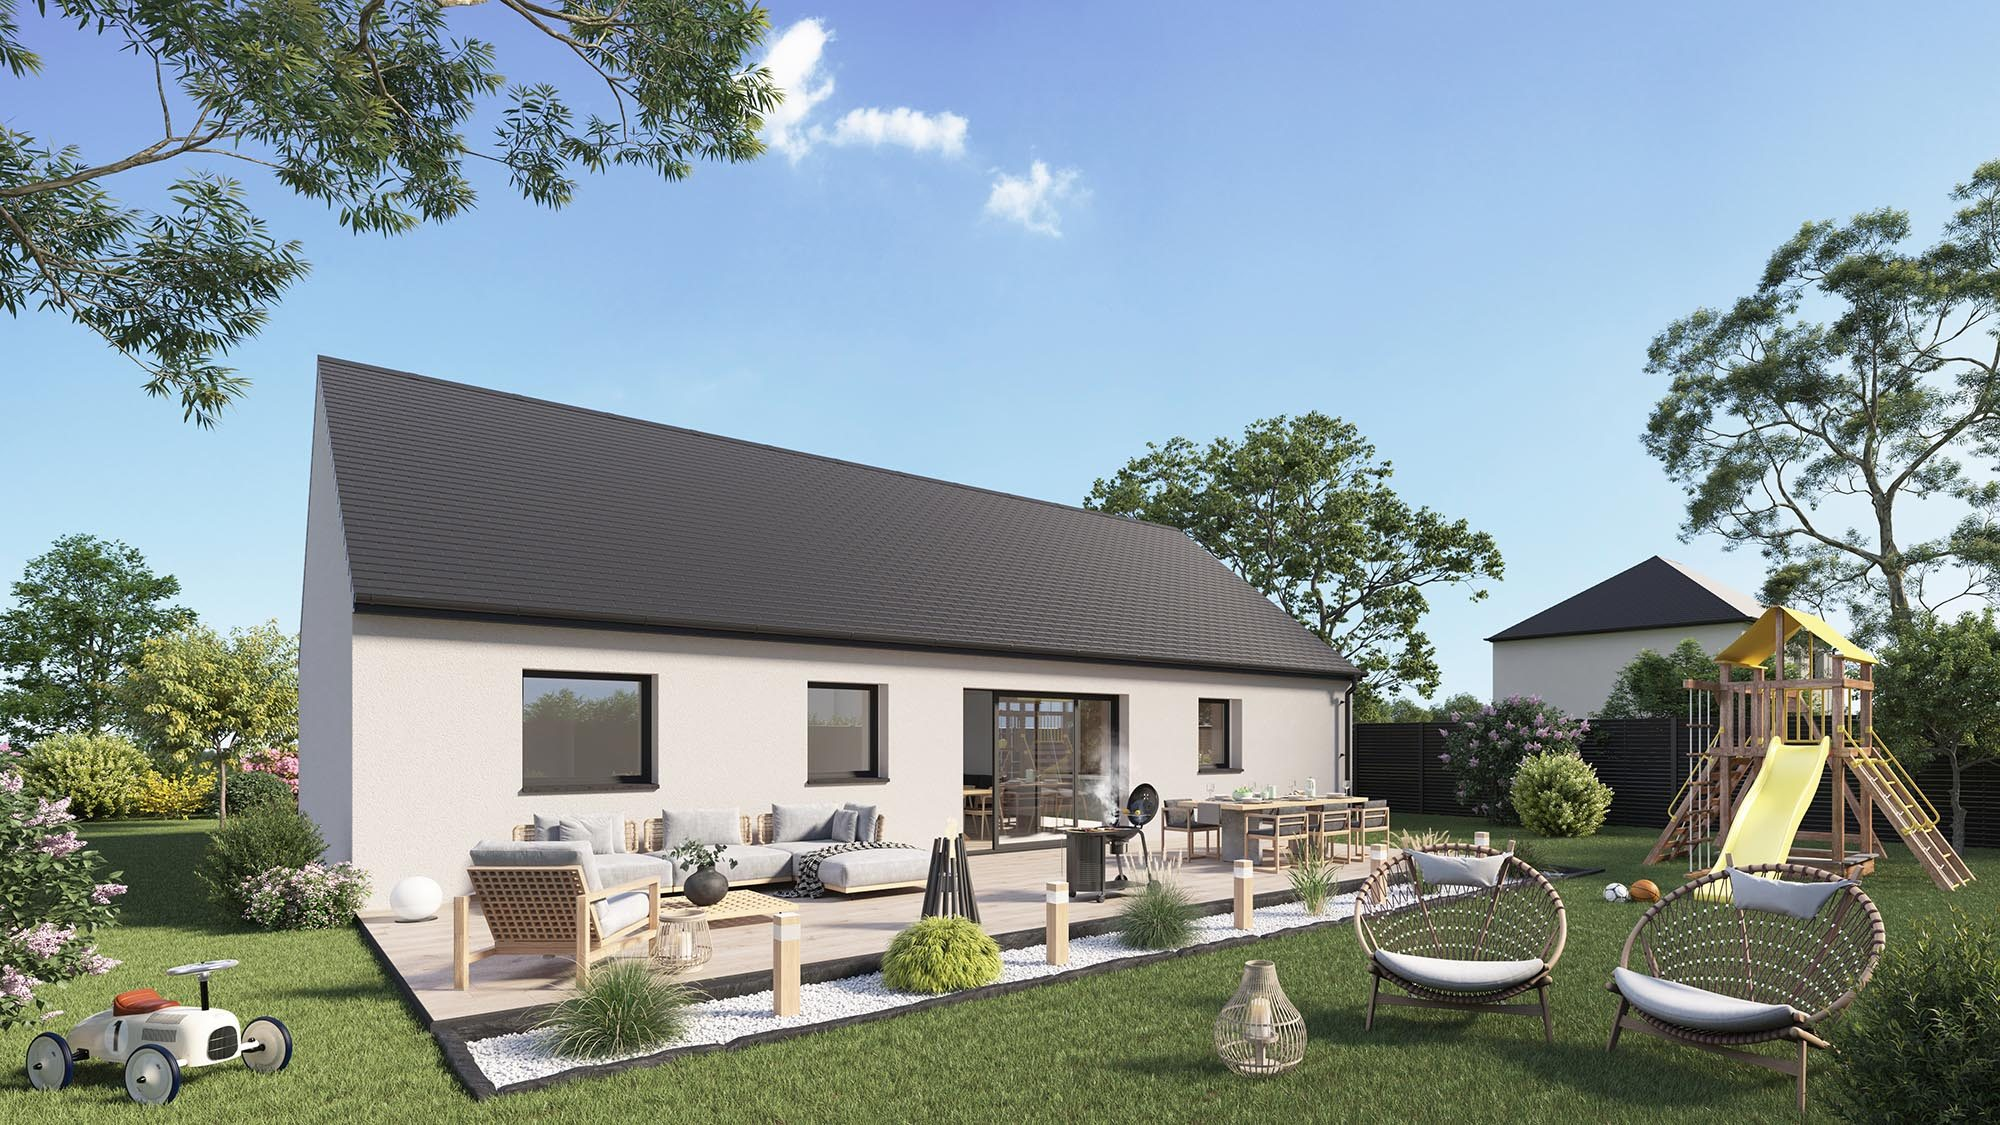 Maisons + Terrains du constructeur Maison Castor St Omer • 96 m² • BOLLEZEELE